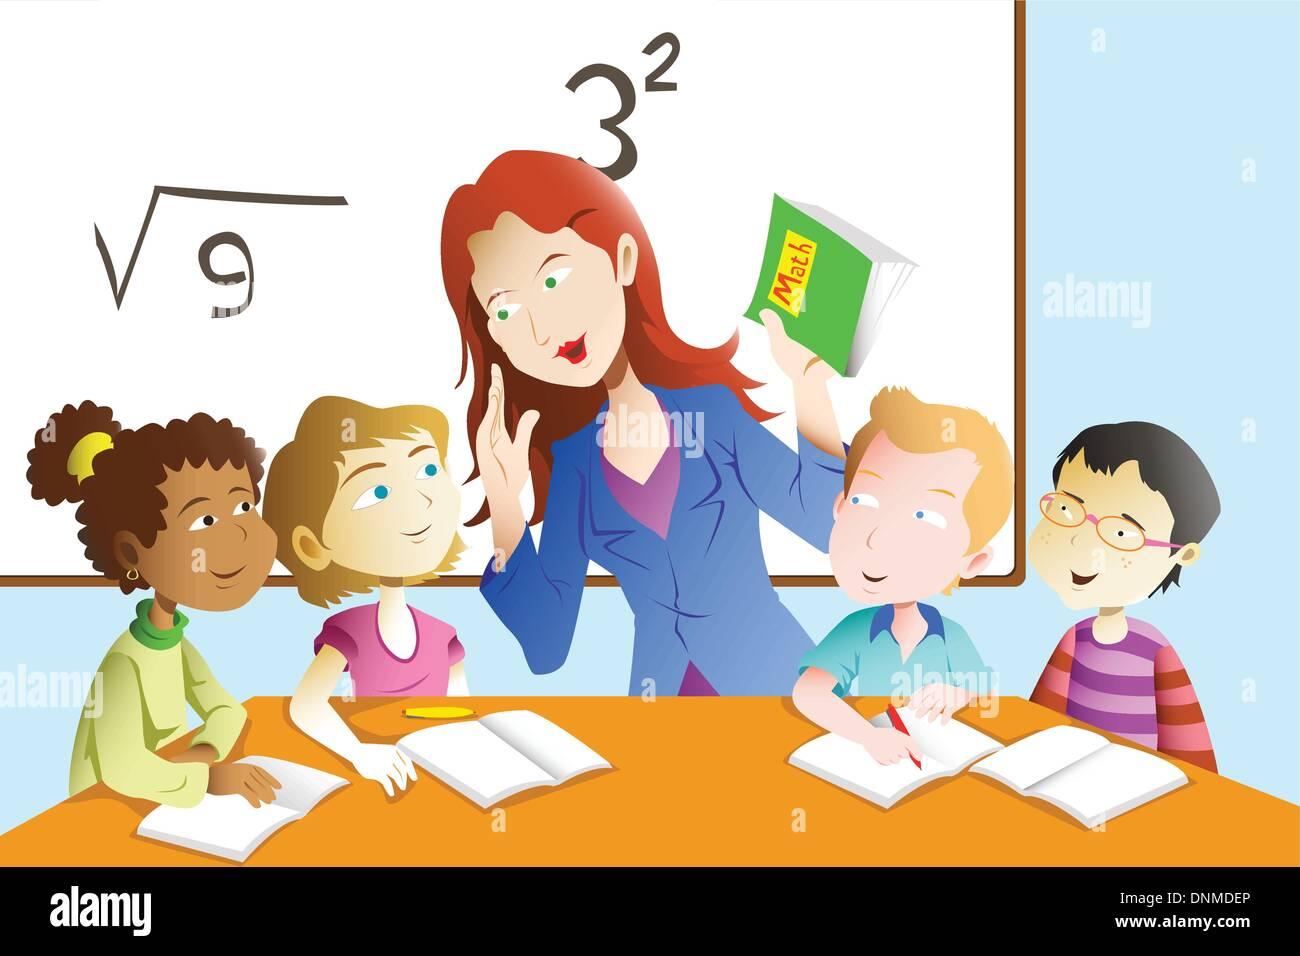 Eine Vektor-Illustration der Kinder studieren Mathematik im Unterricht mit Lehrer Stockbild